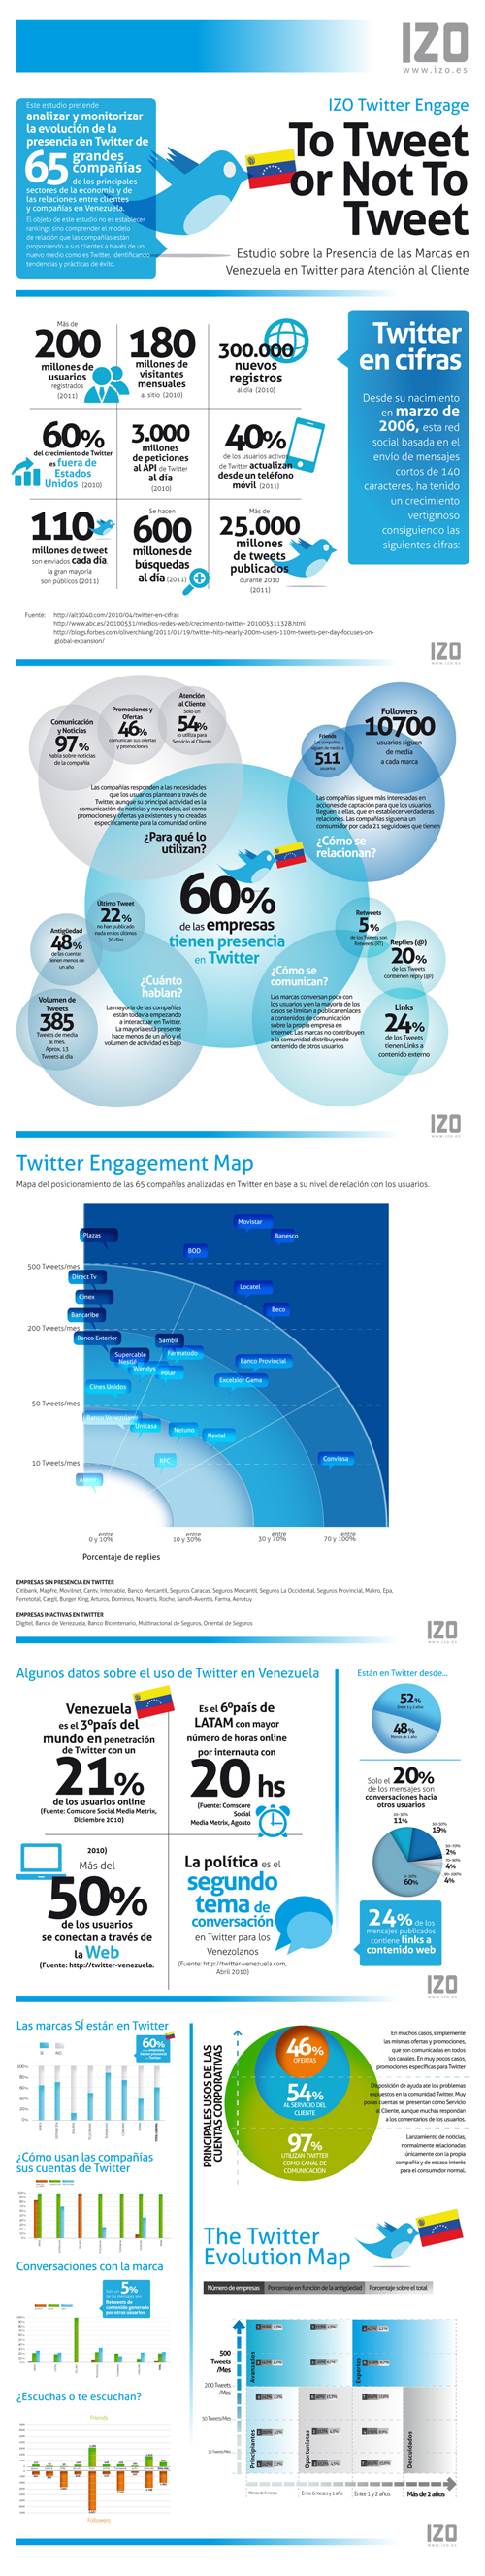 Infografia-IZO-Twitter-Engage-Venezuela